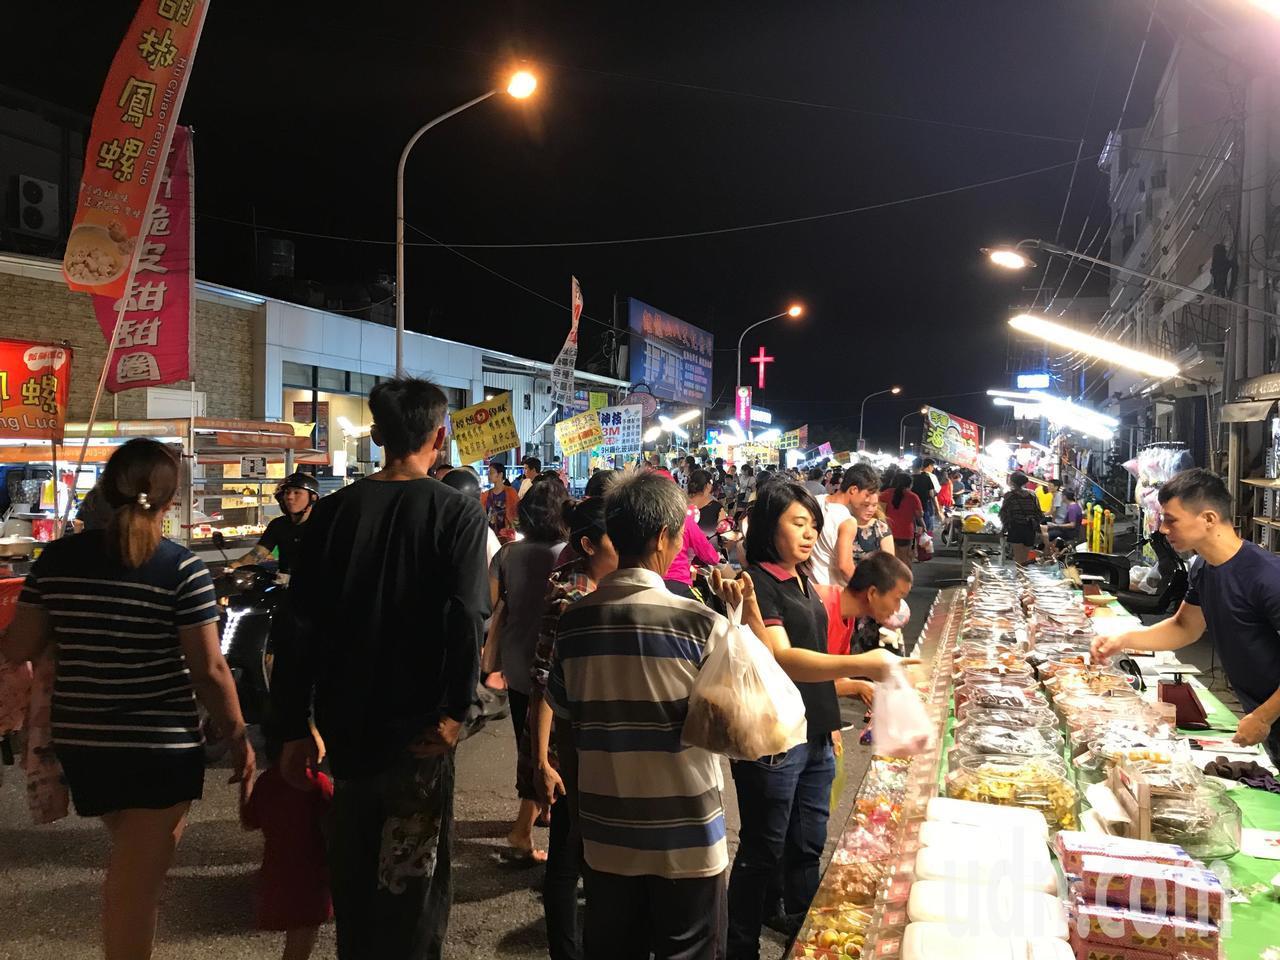 屏東縣東港鎮夜市每周三、六晚間營業,人潮熱絡。記者蔣繼平/攝影